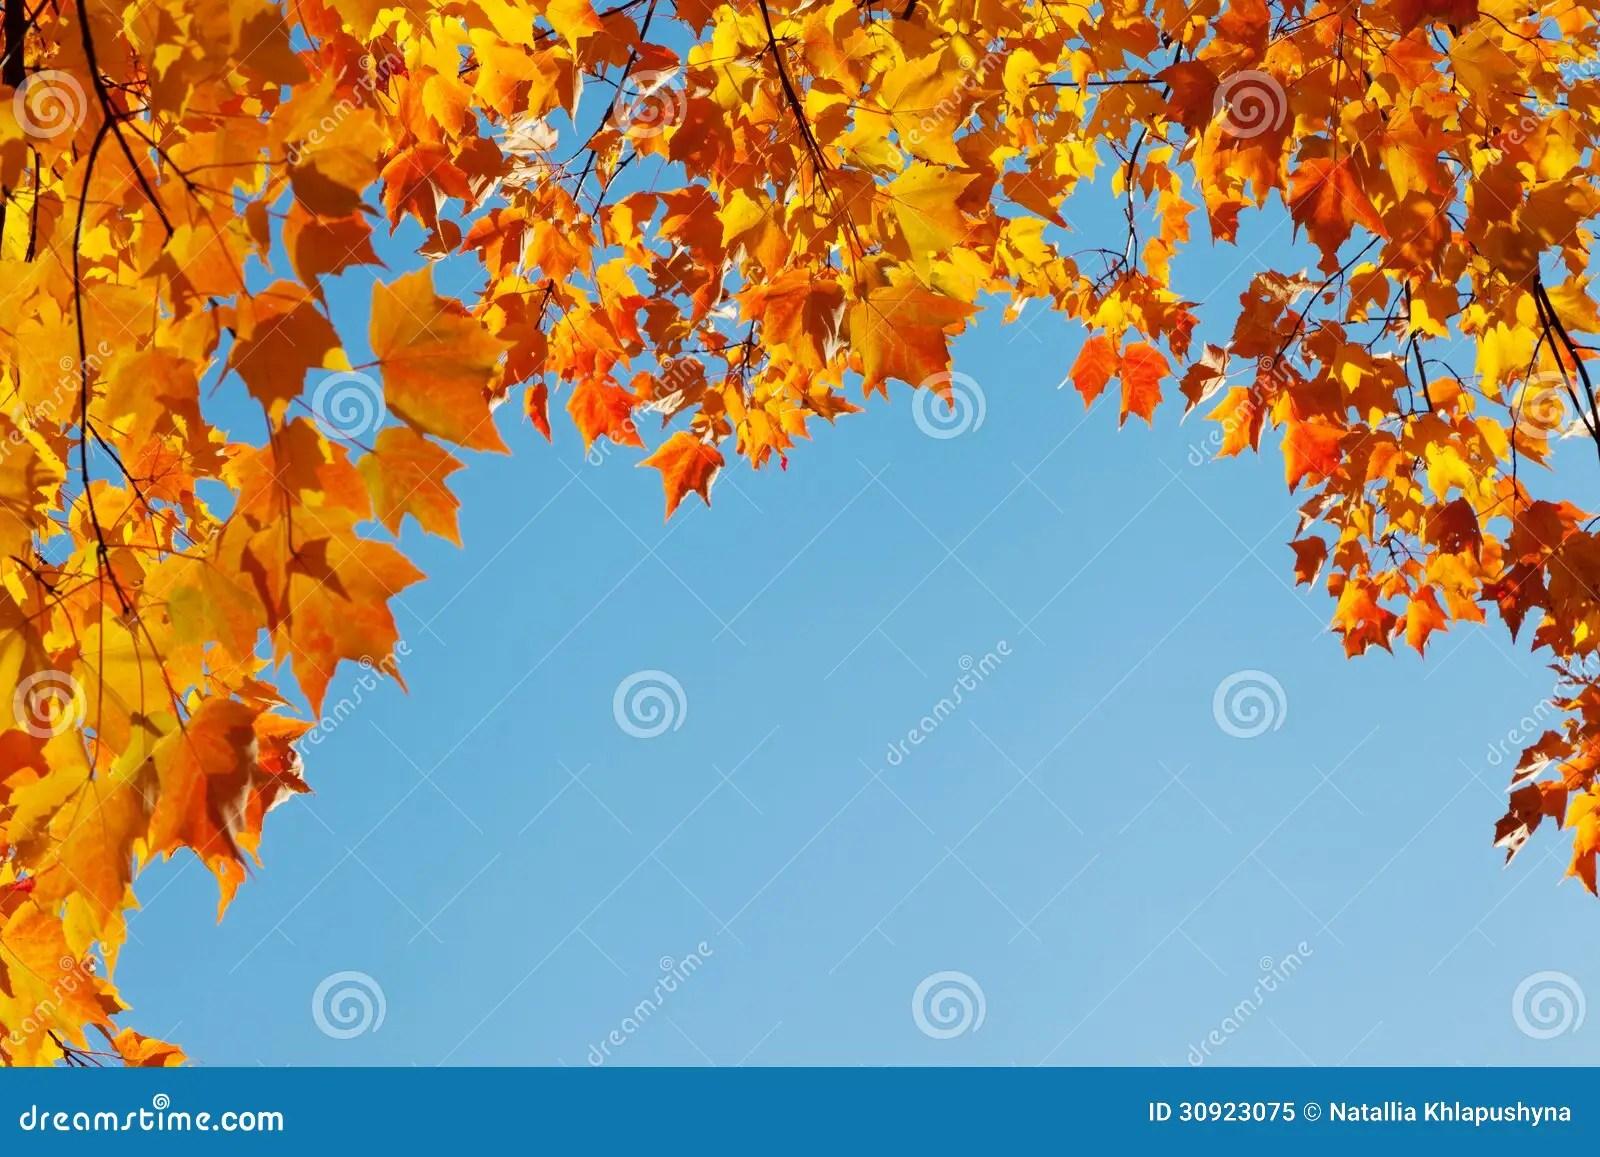 Fall Leaves Wallpaper Border Autumn Leaves On Blue Sky Border Frame Stock Image